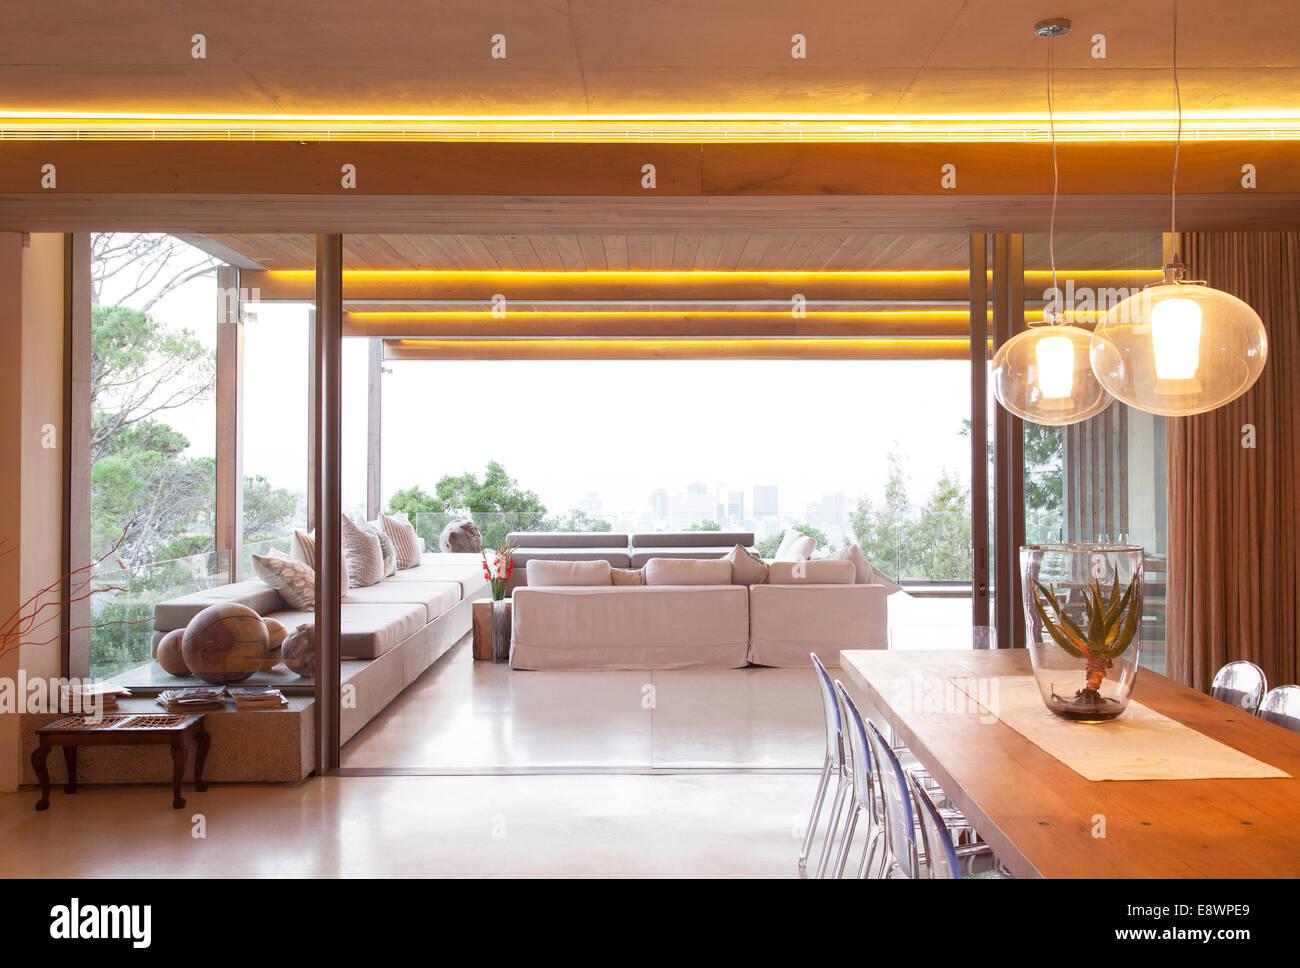 Porte di vetro scorrevoli tra aprire lo stile di vita moderno e le stanze da pranzo with stanze - Stanze da pranzo ...